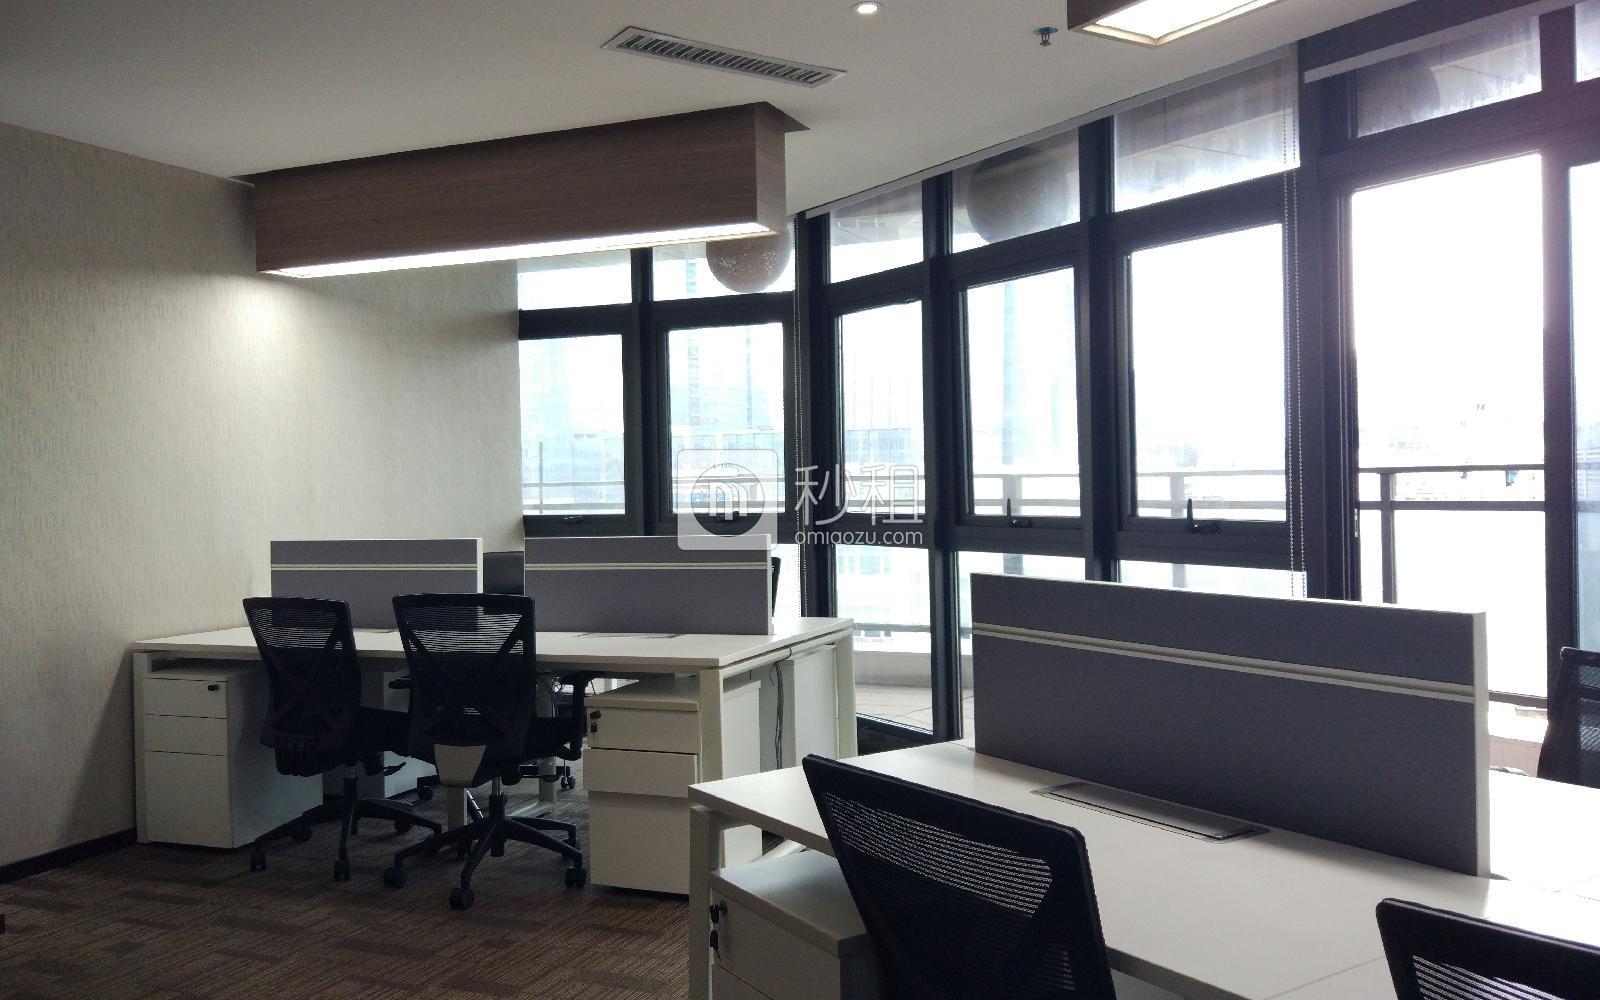 锦会-丽雅查尔顿广场写字楼出租88平米精装办公室22000元/间.月